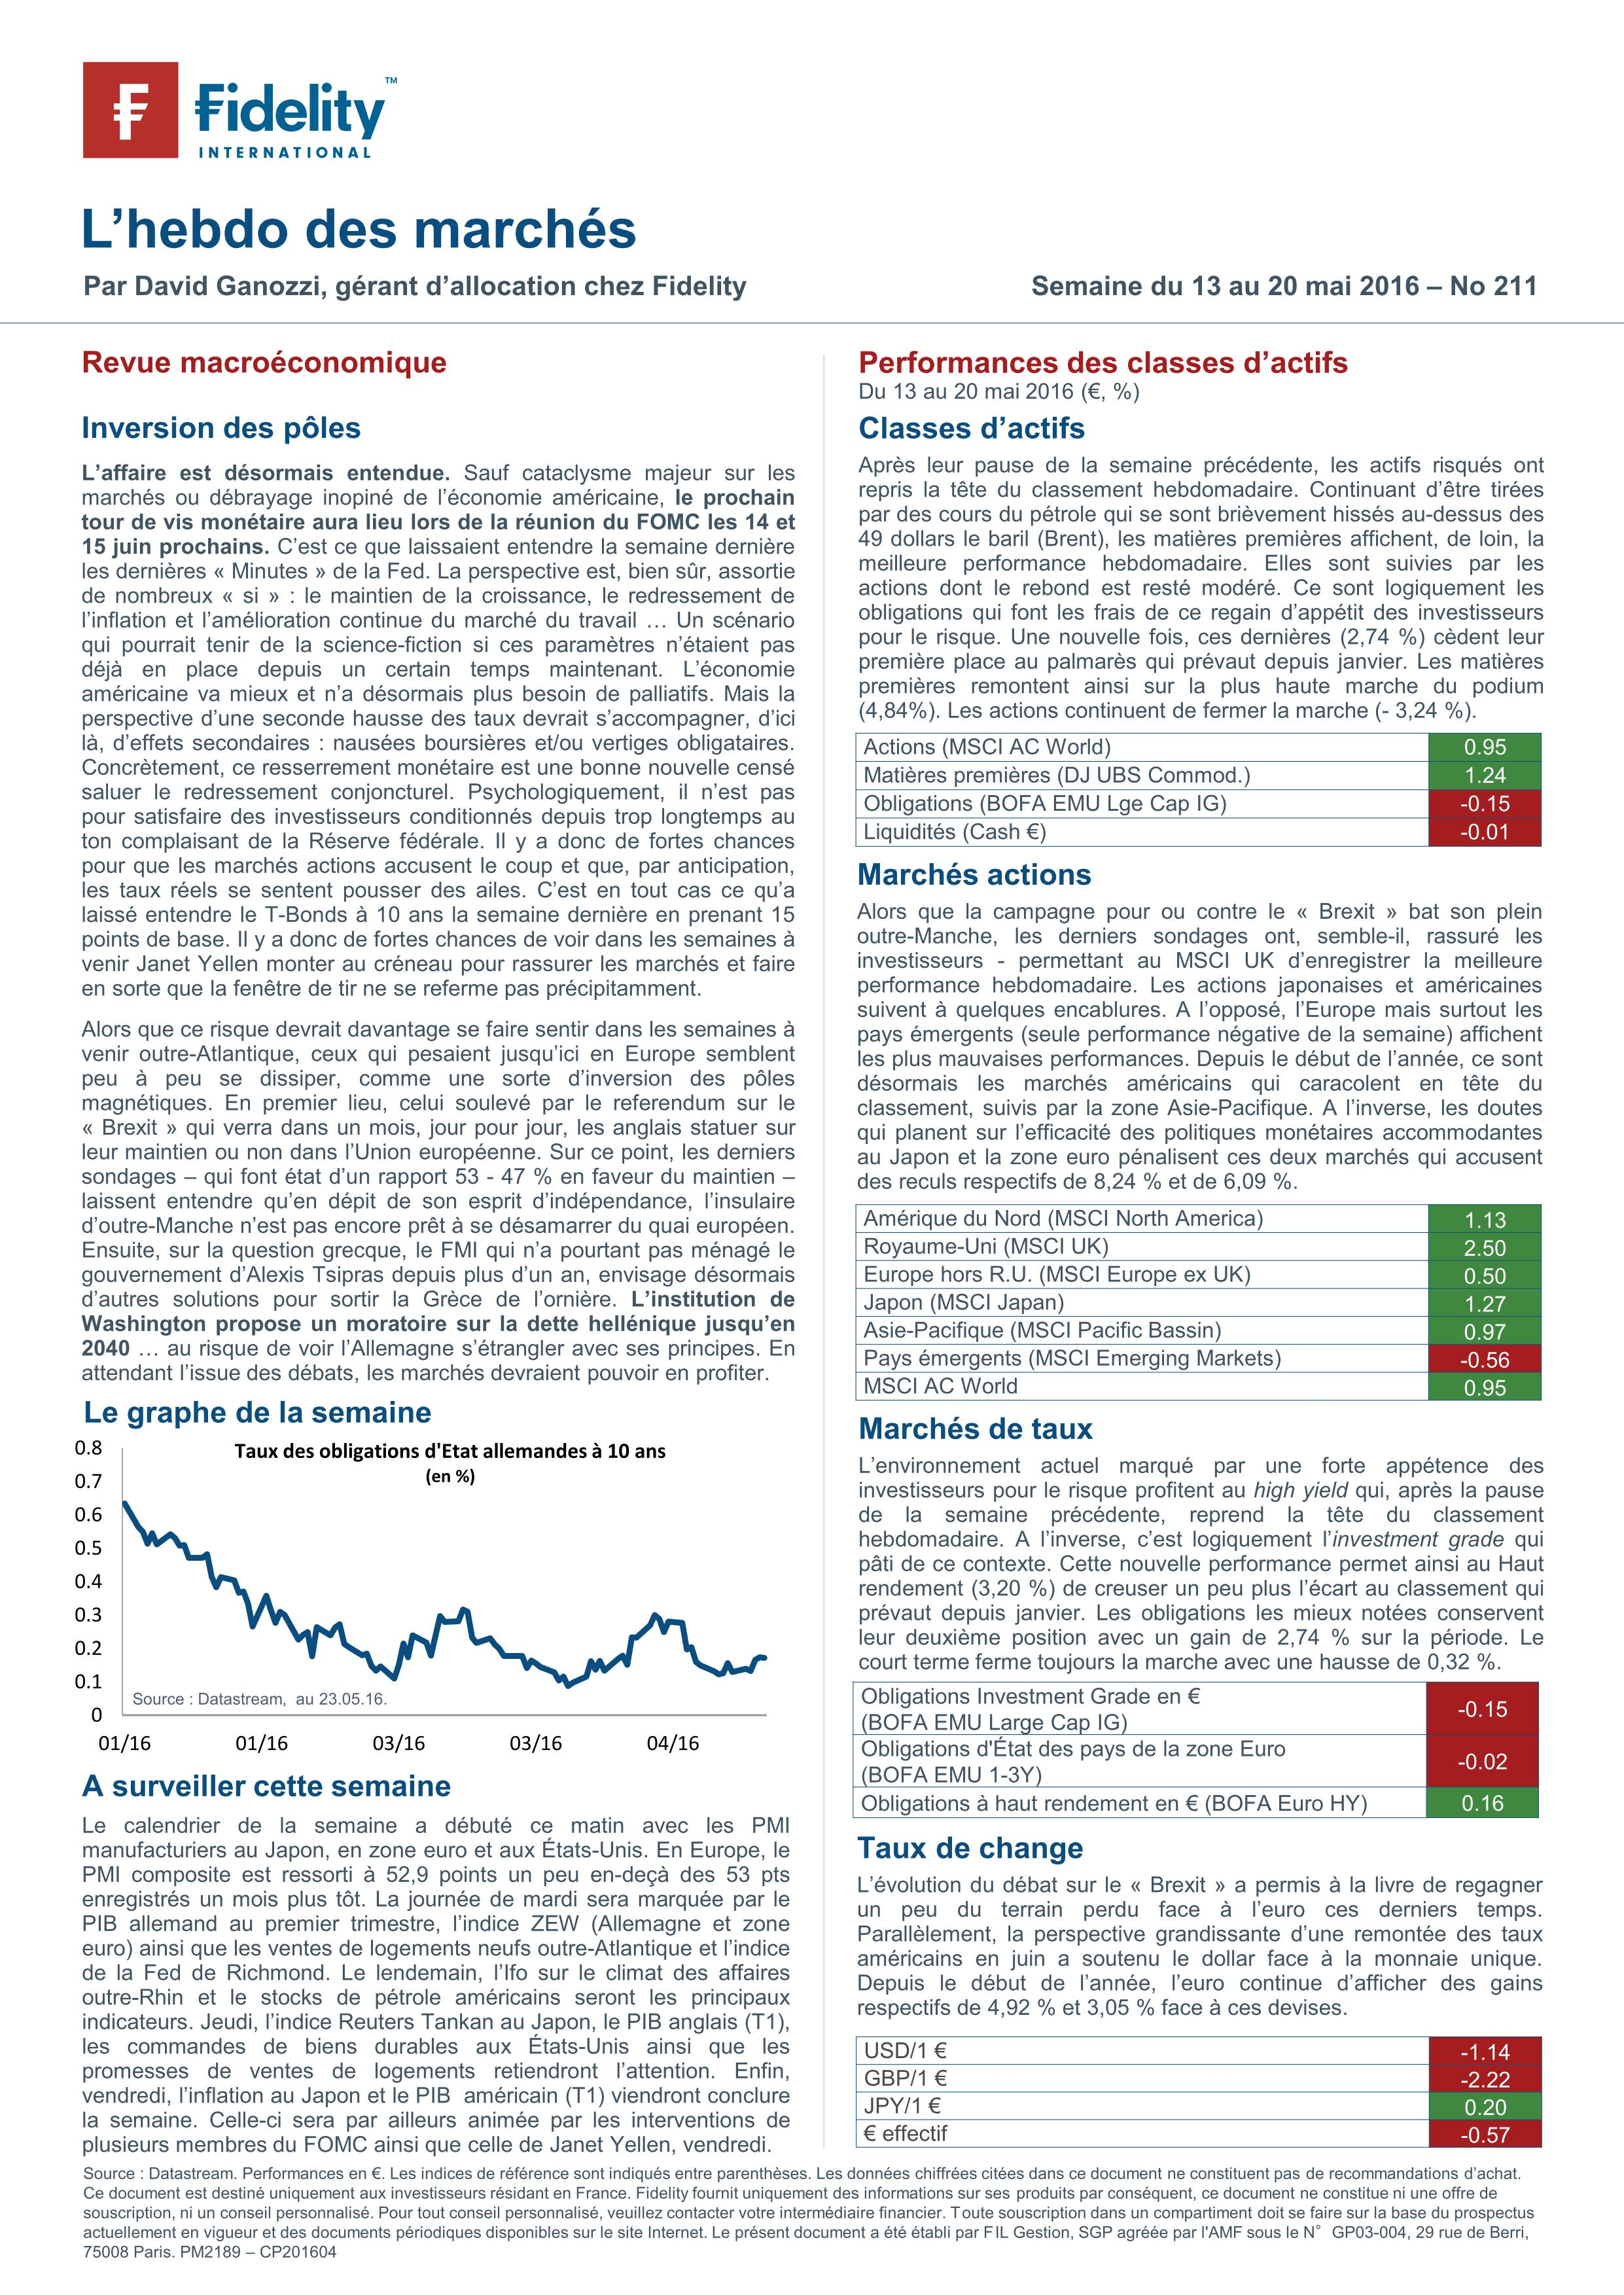 Fidelity - #211 L'hebdo des marchés - Inversion des pôles - Particuliers_02